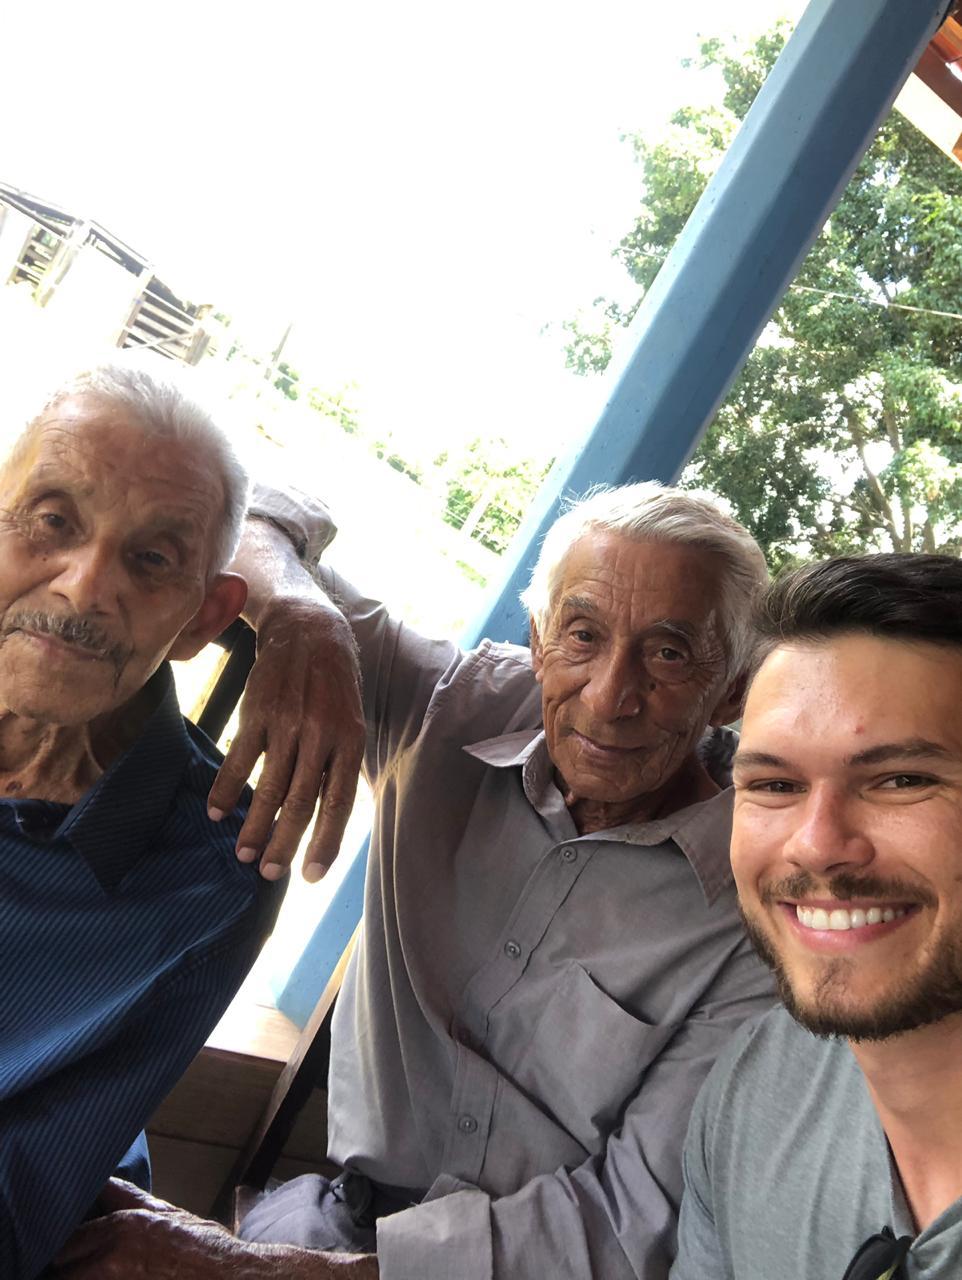 Papai, tio Tonico e Thiago Henrique: 19.01.2019